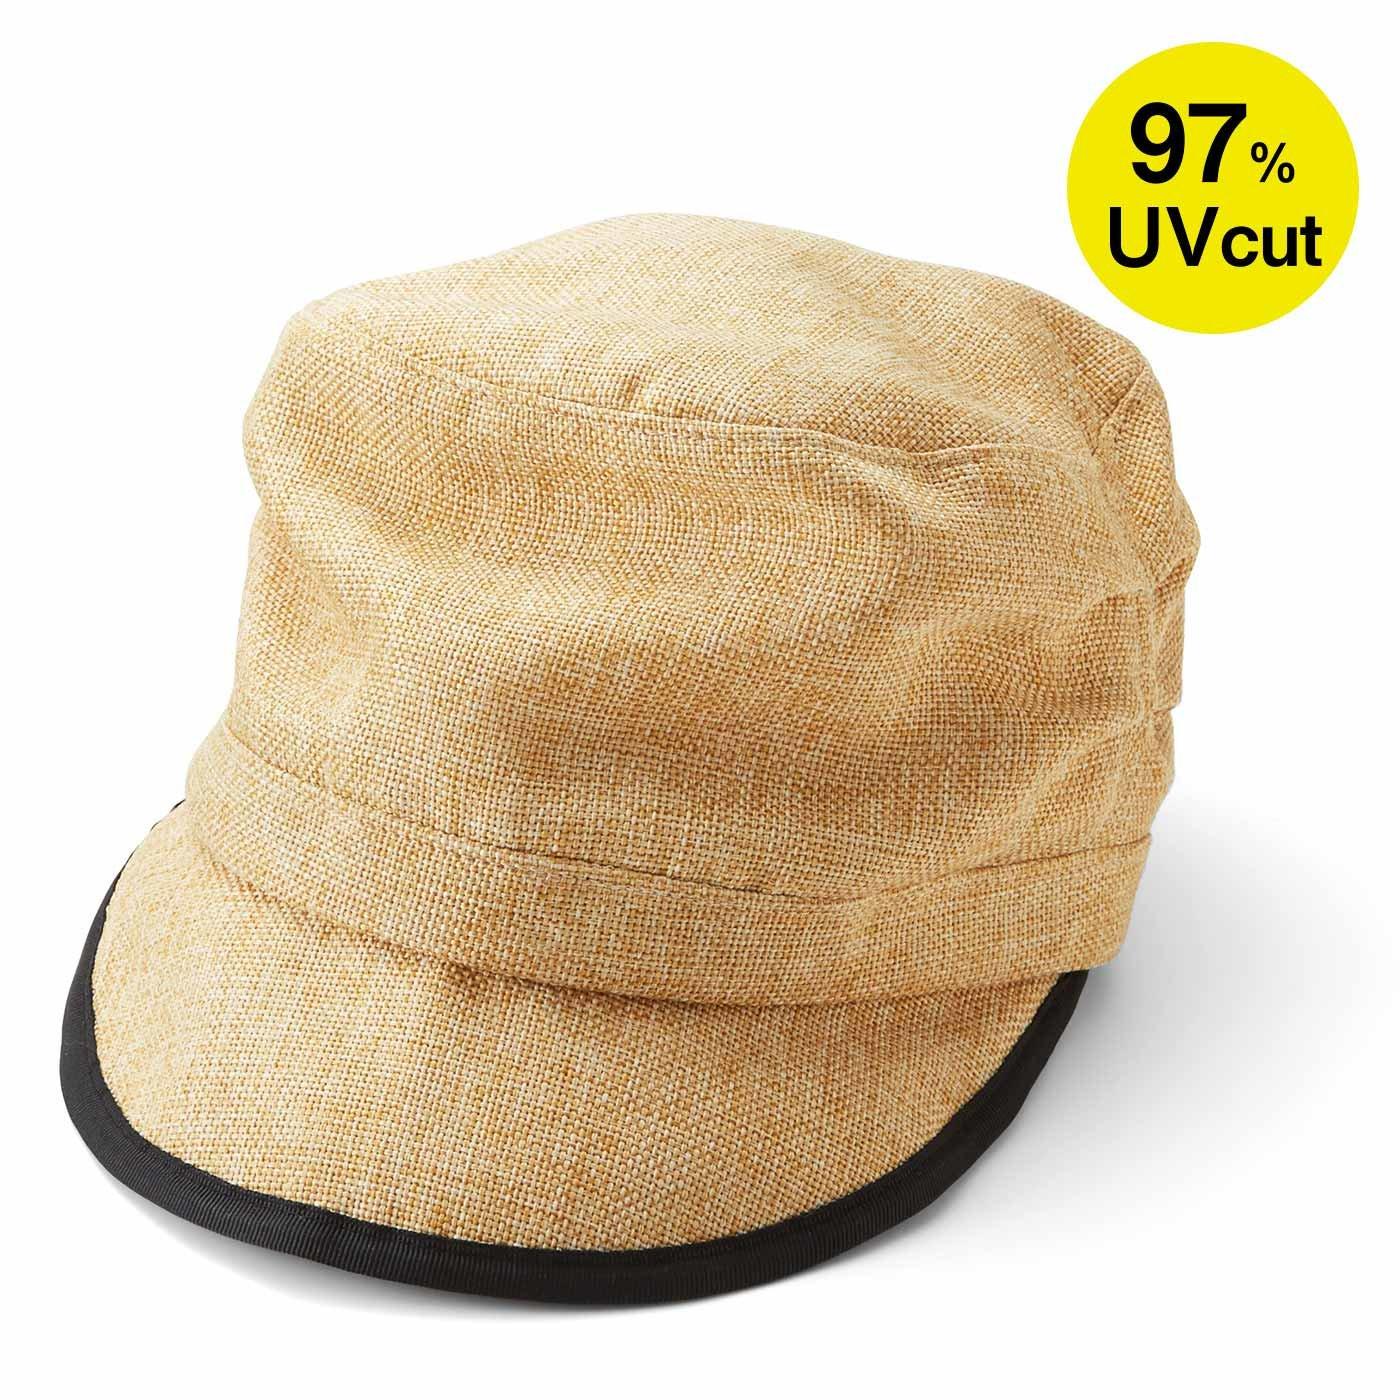 リブ イン コンフォート UVカット率90%以上 髪の毛をむすんだまますっぽりかぶれるすっぴん隠し帽子〈ナチュラルベージュ〉